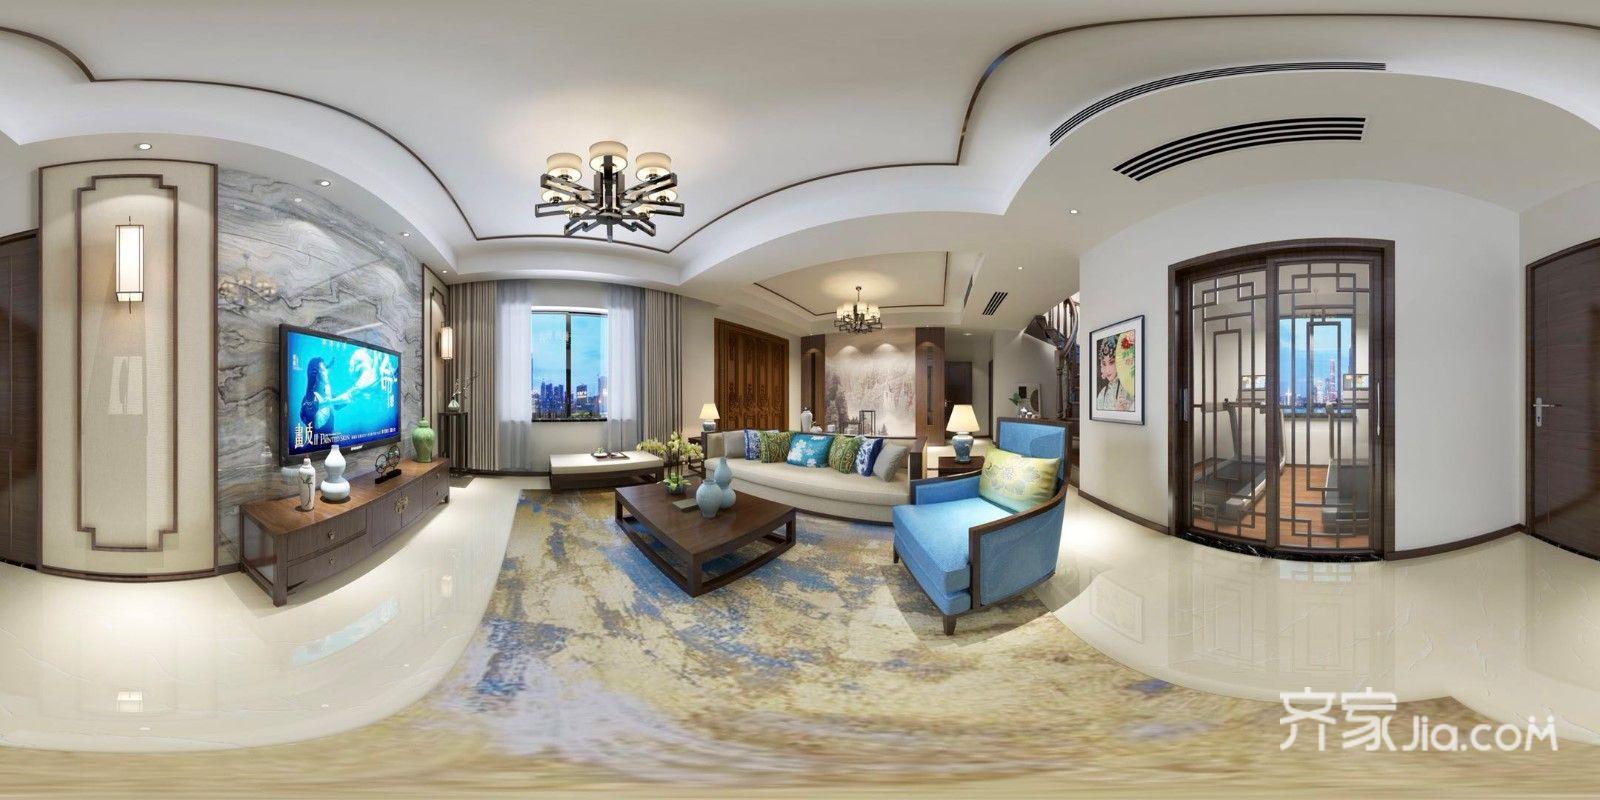 350㎡中式别墅装修一楼客厅全景图